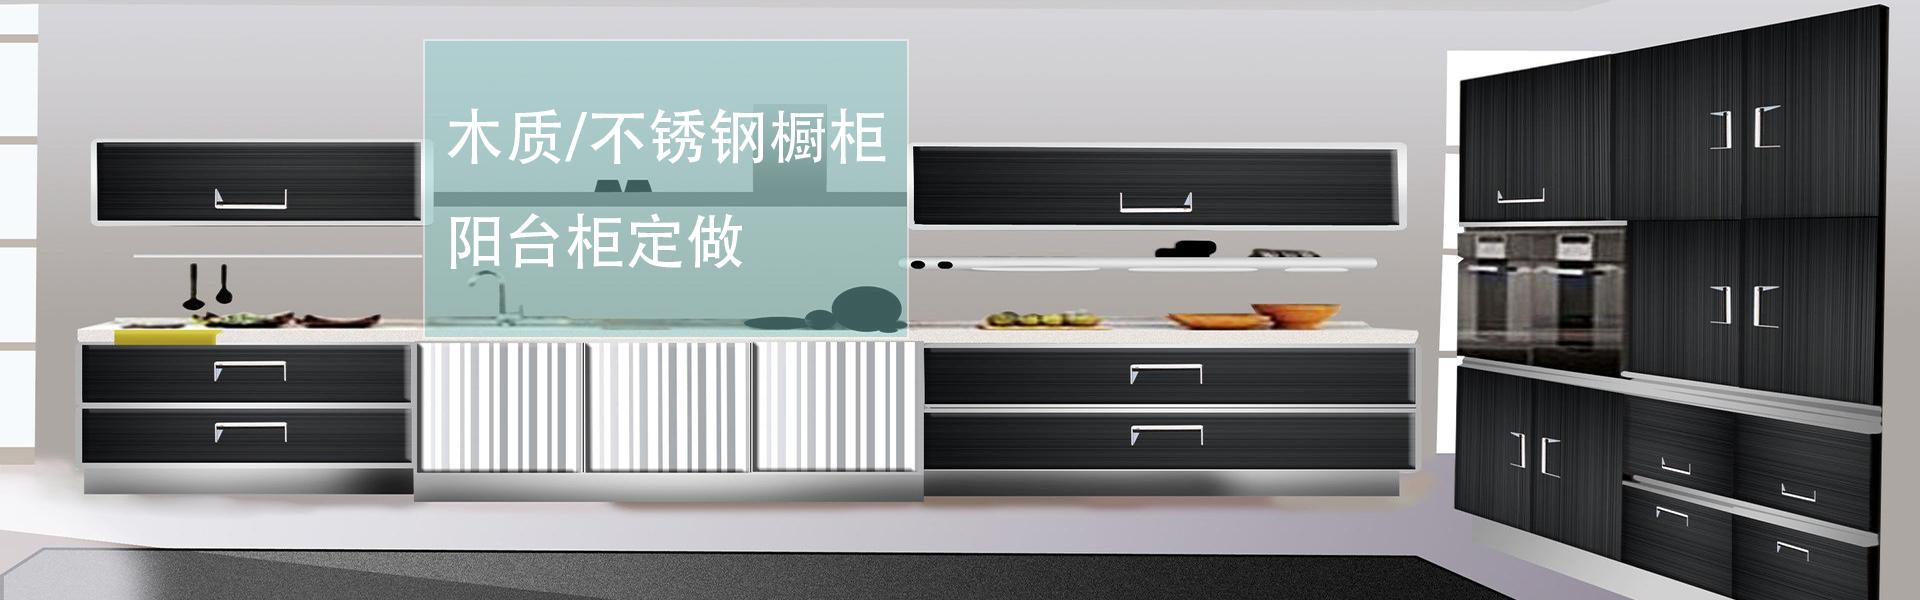 杭州浴室柜设计